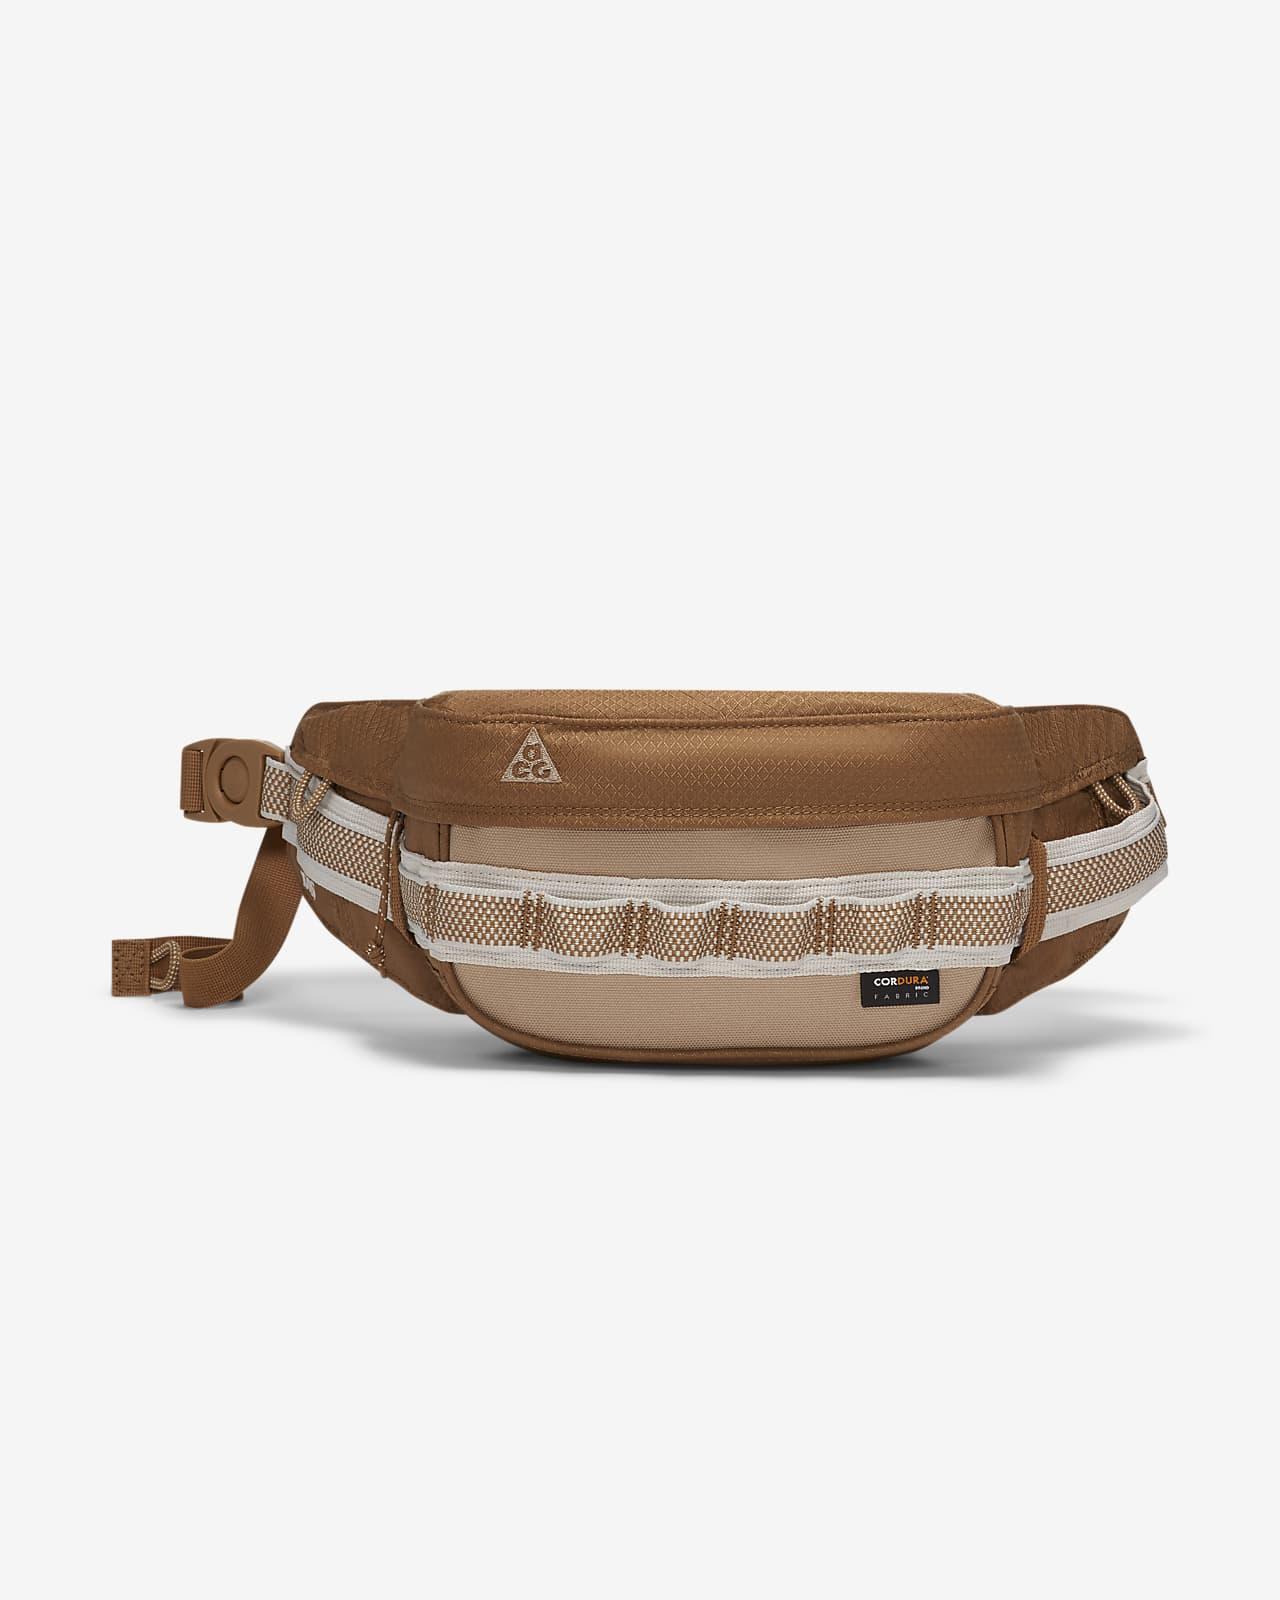 Nike ACG Karst Tasche für kleine Gegenstände